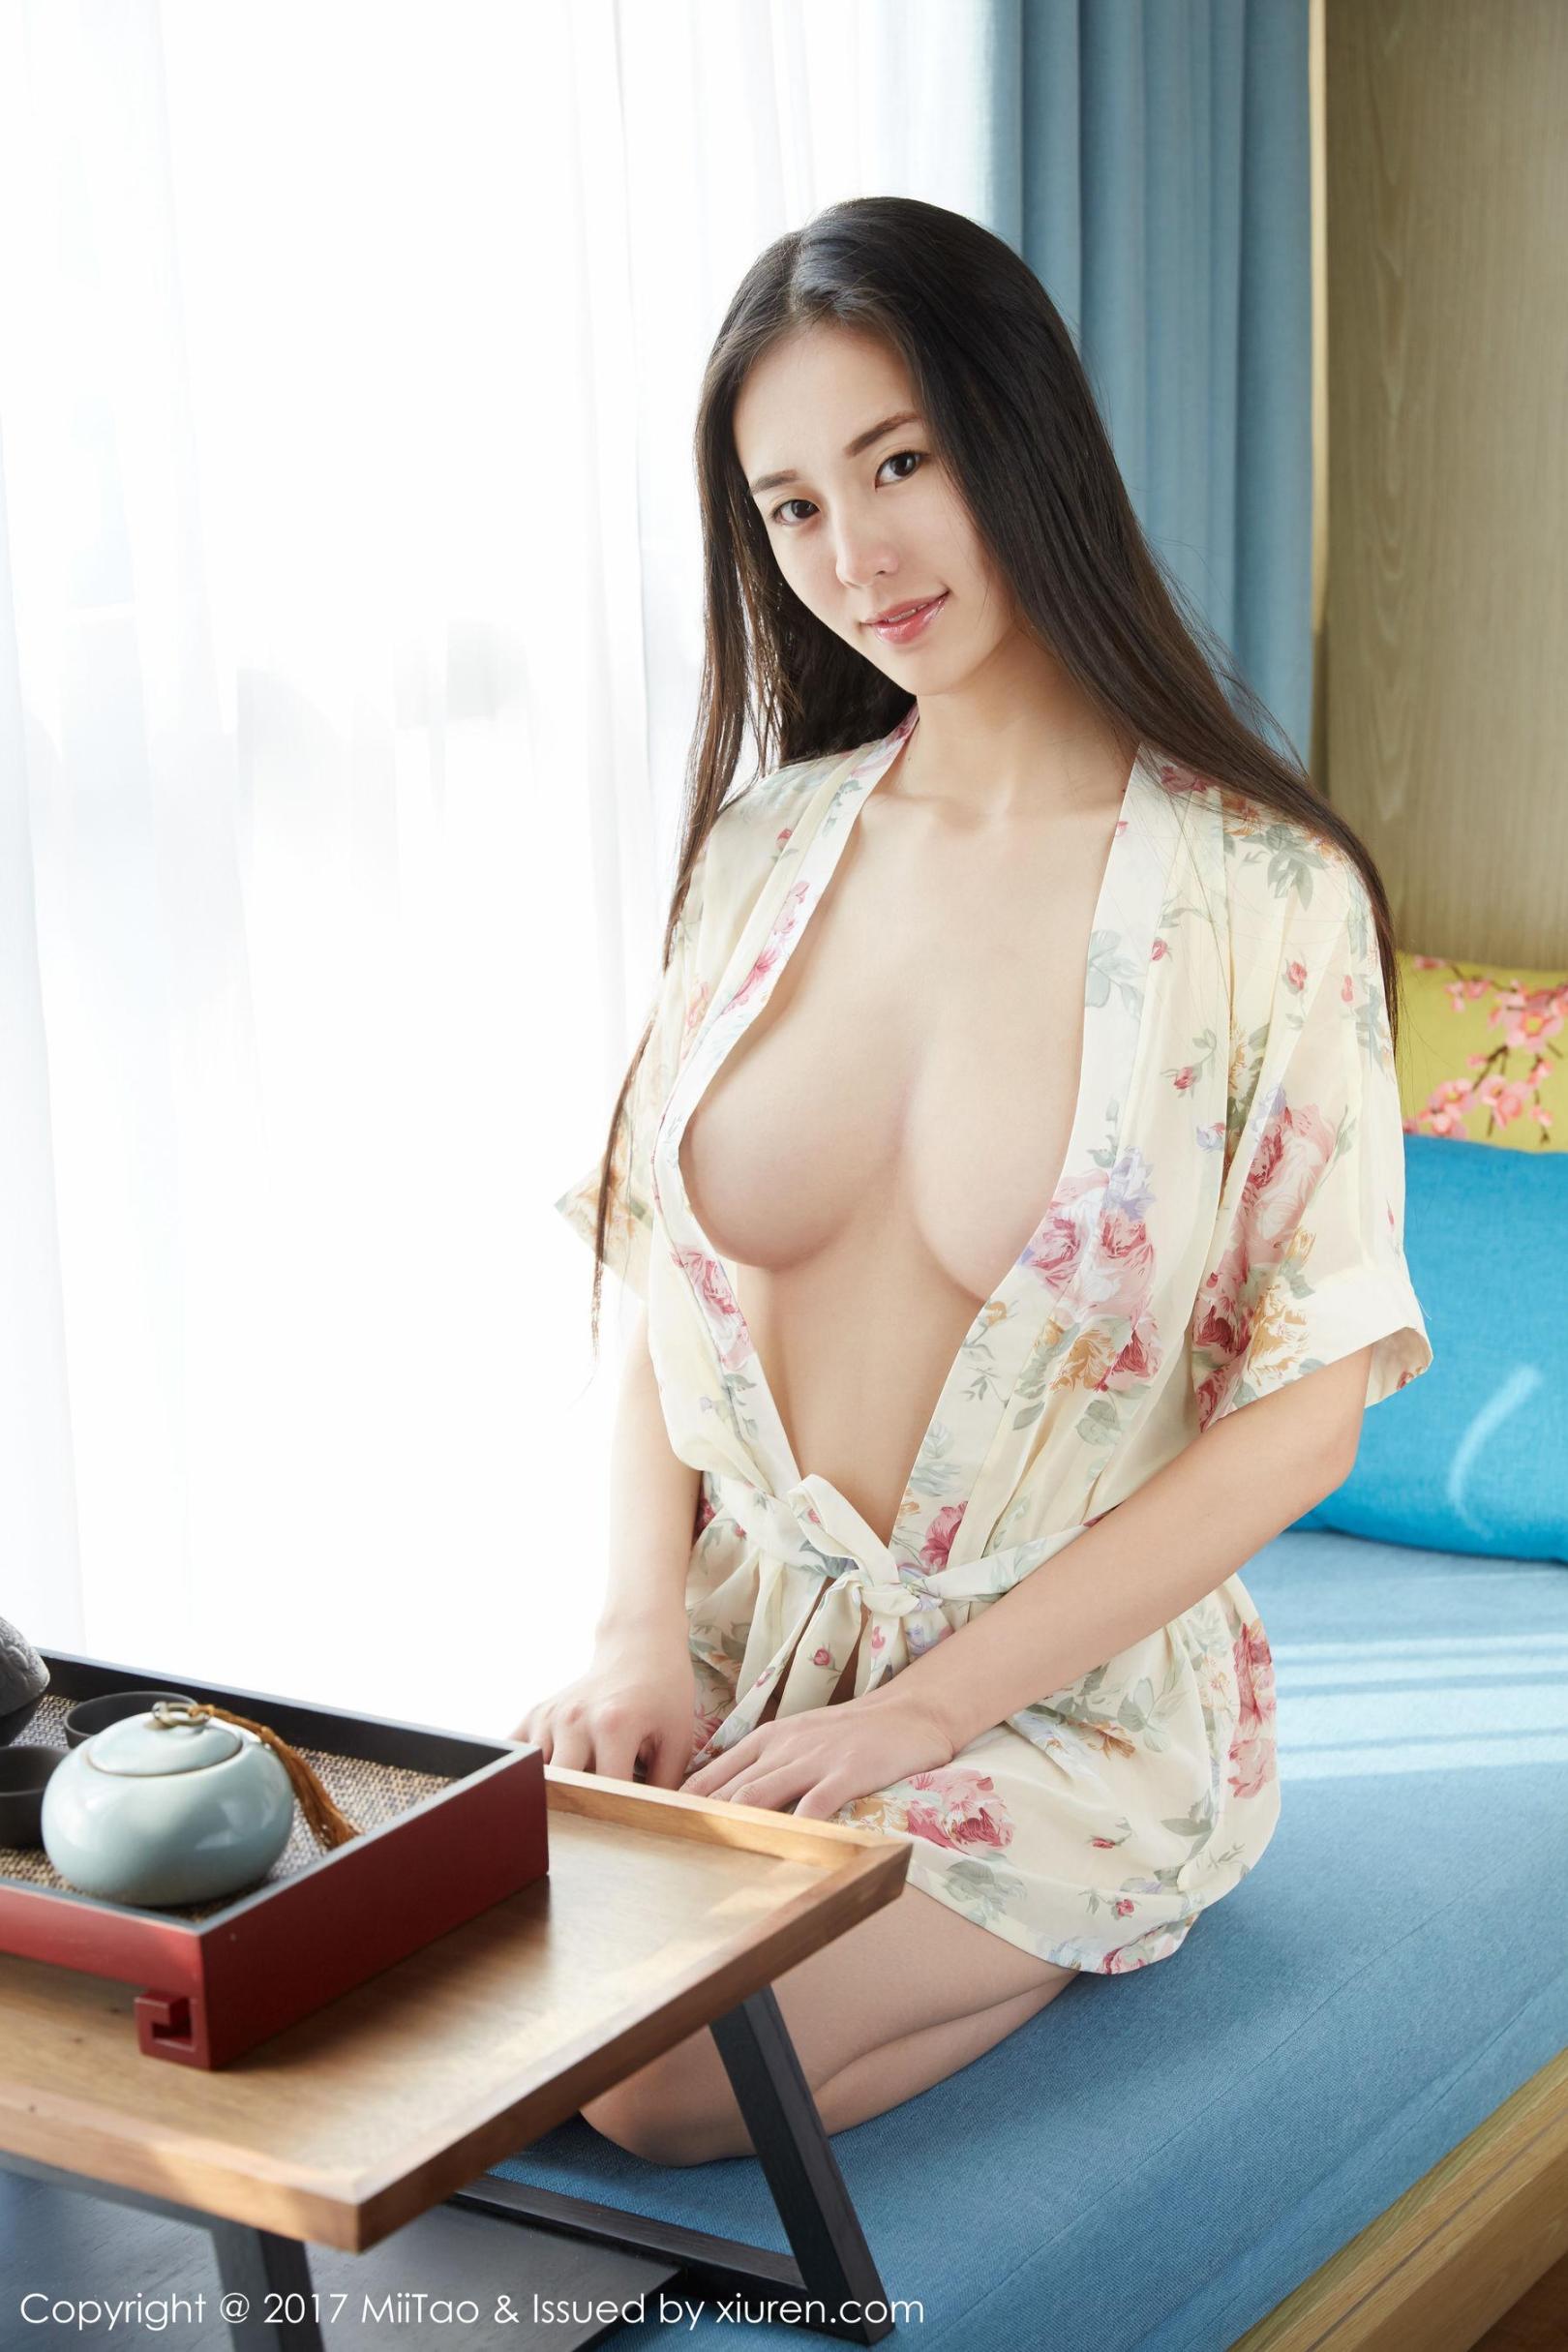 [网络美女] 网络美女  高清写真套图